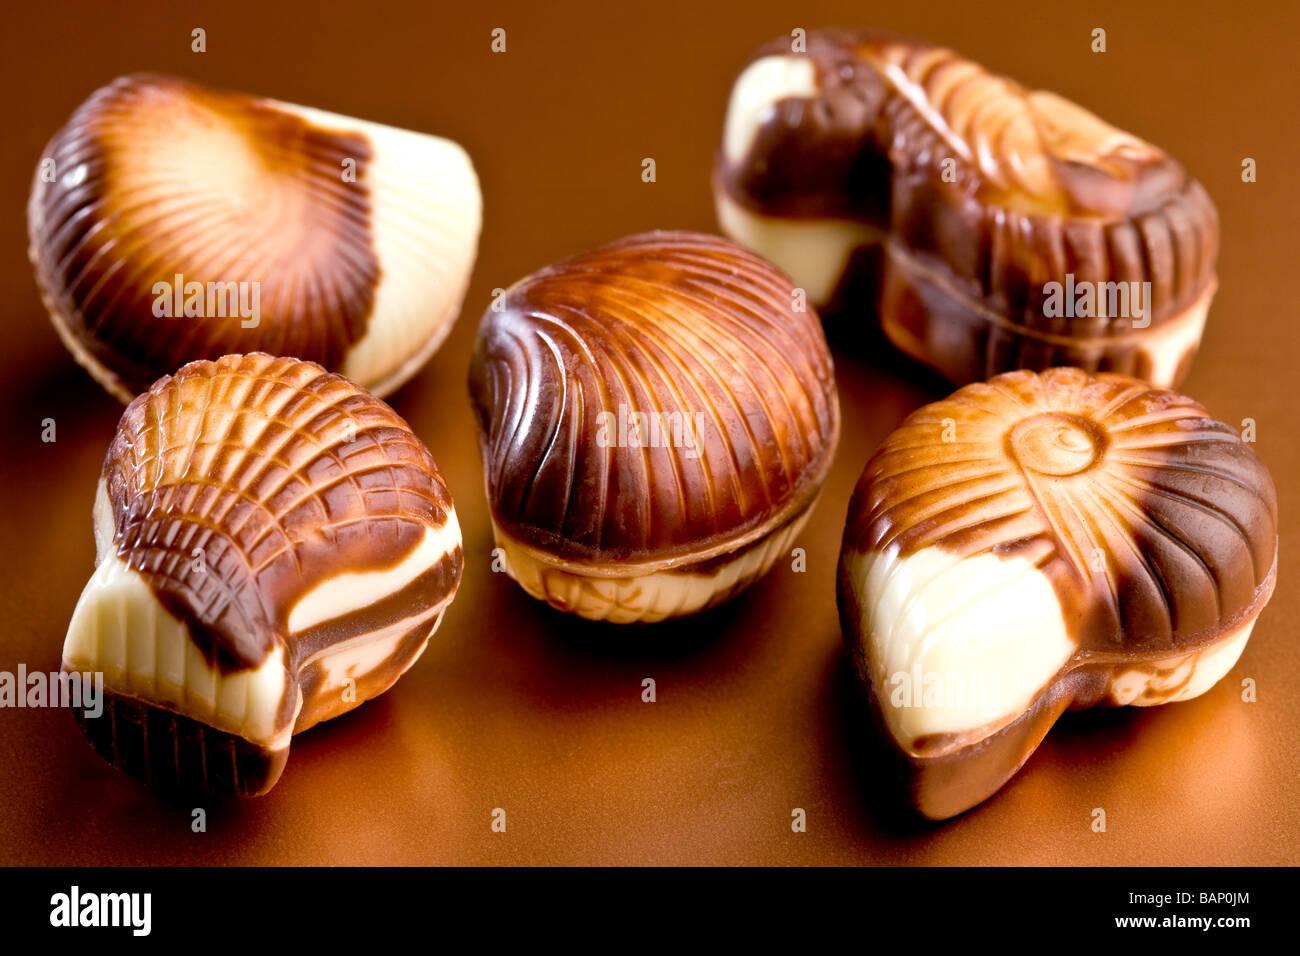 Belgian chocolate seashells - Stock Image